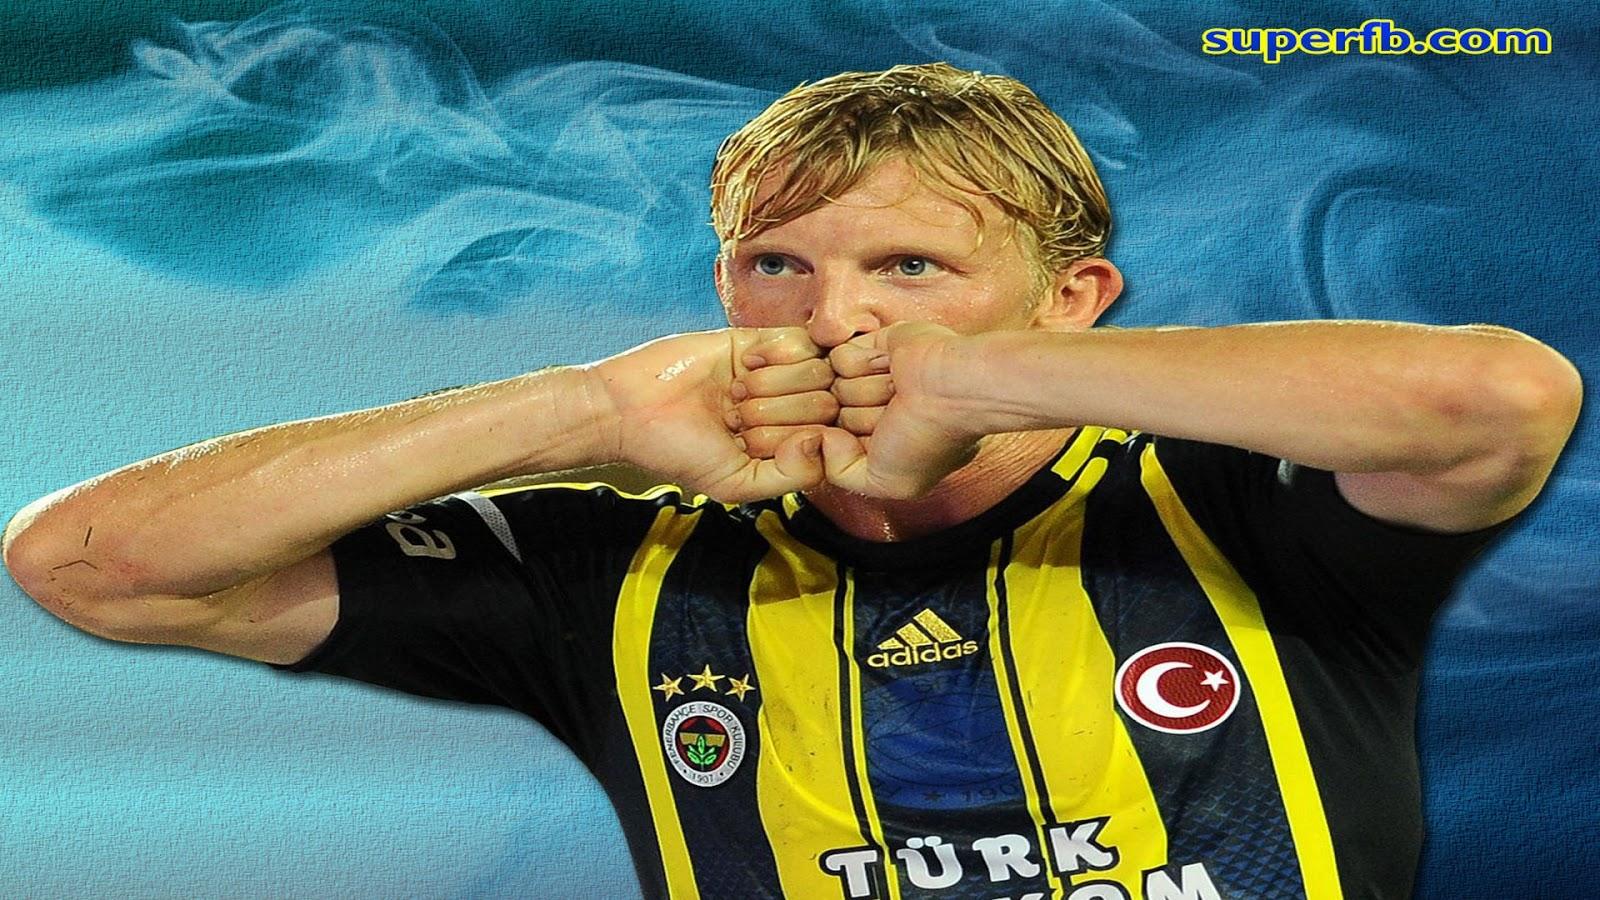 fenerbahce+resim+rooteto+14 Fenerbahçe HD Resimleri